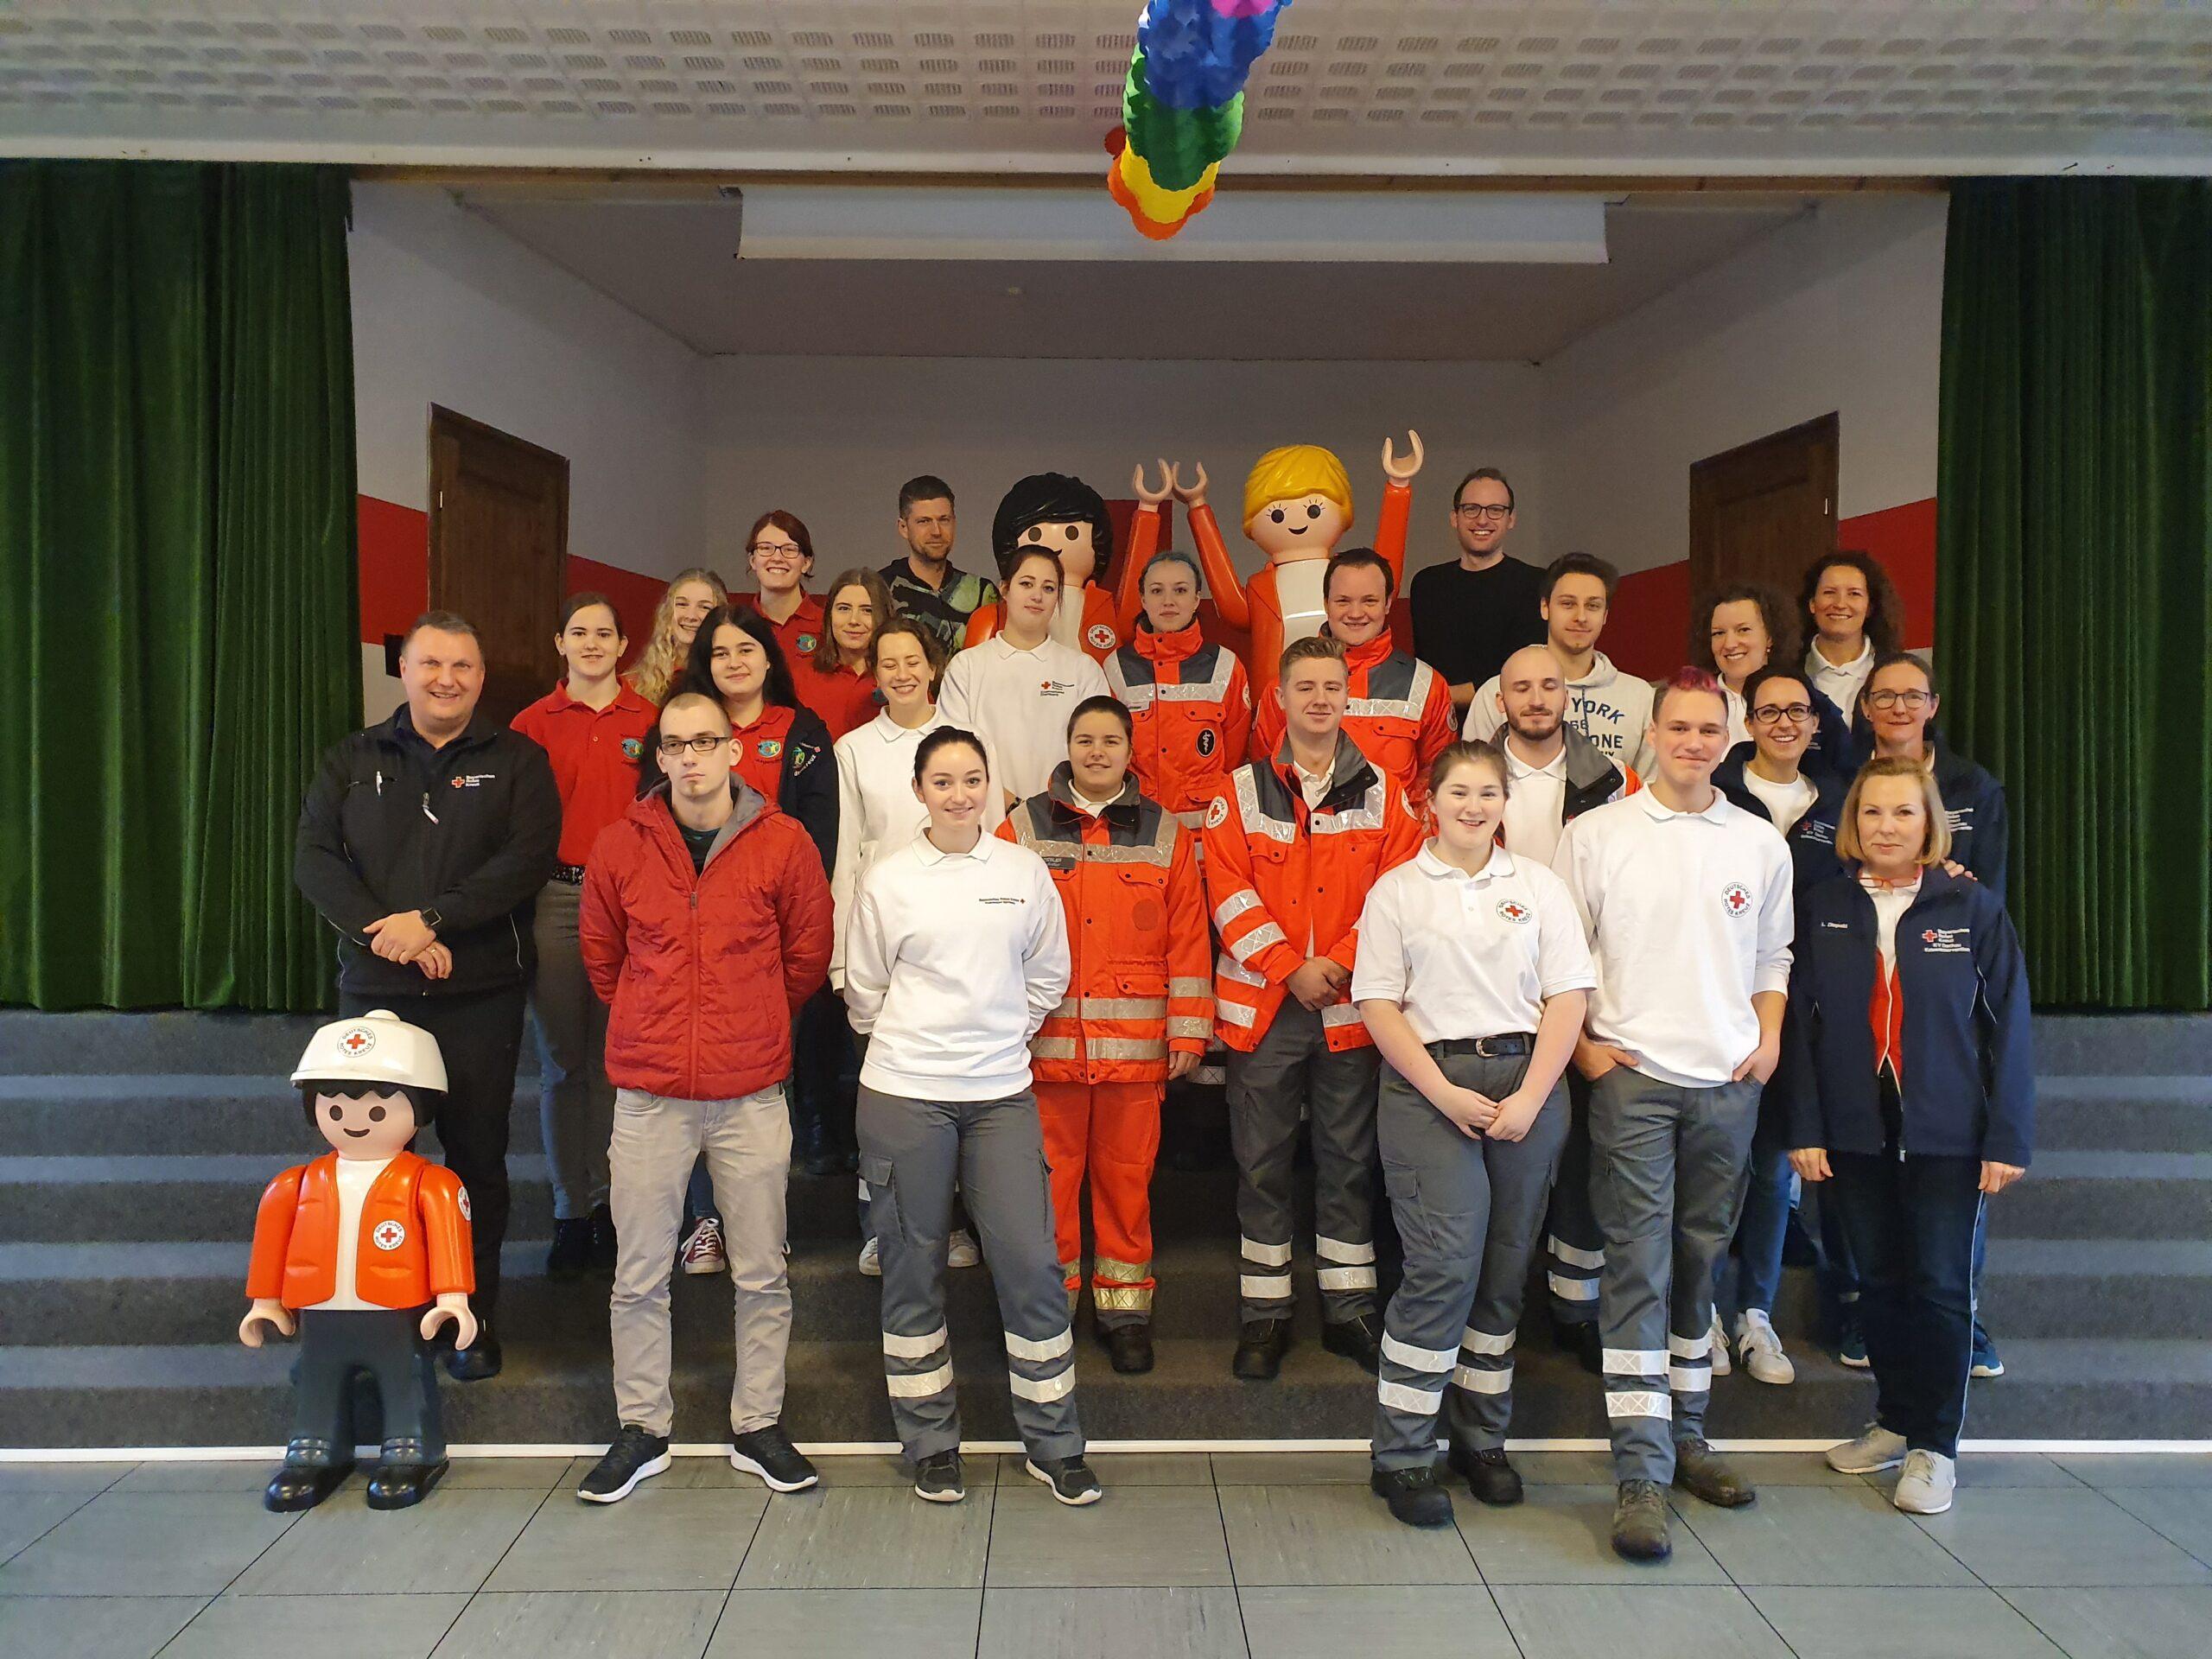 Die neu ausgebildeten Sanitäterinnen und Sanitäter. Links außen: Ausbildungsleiter Michael Karlstetter